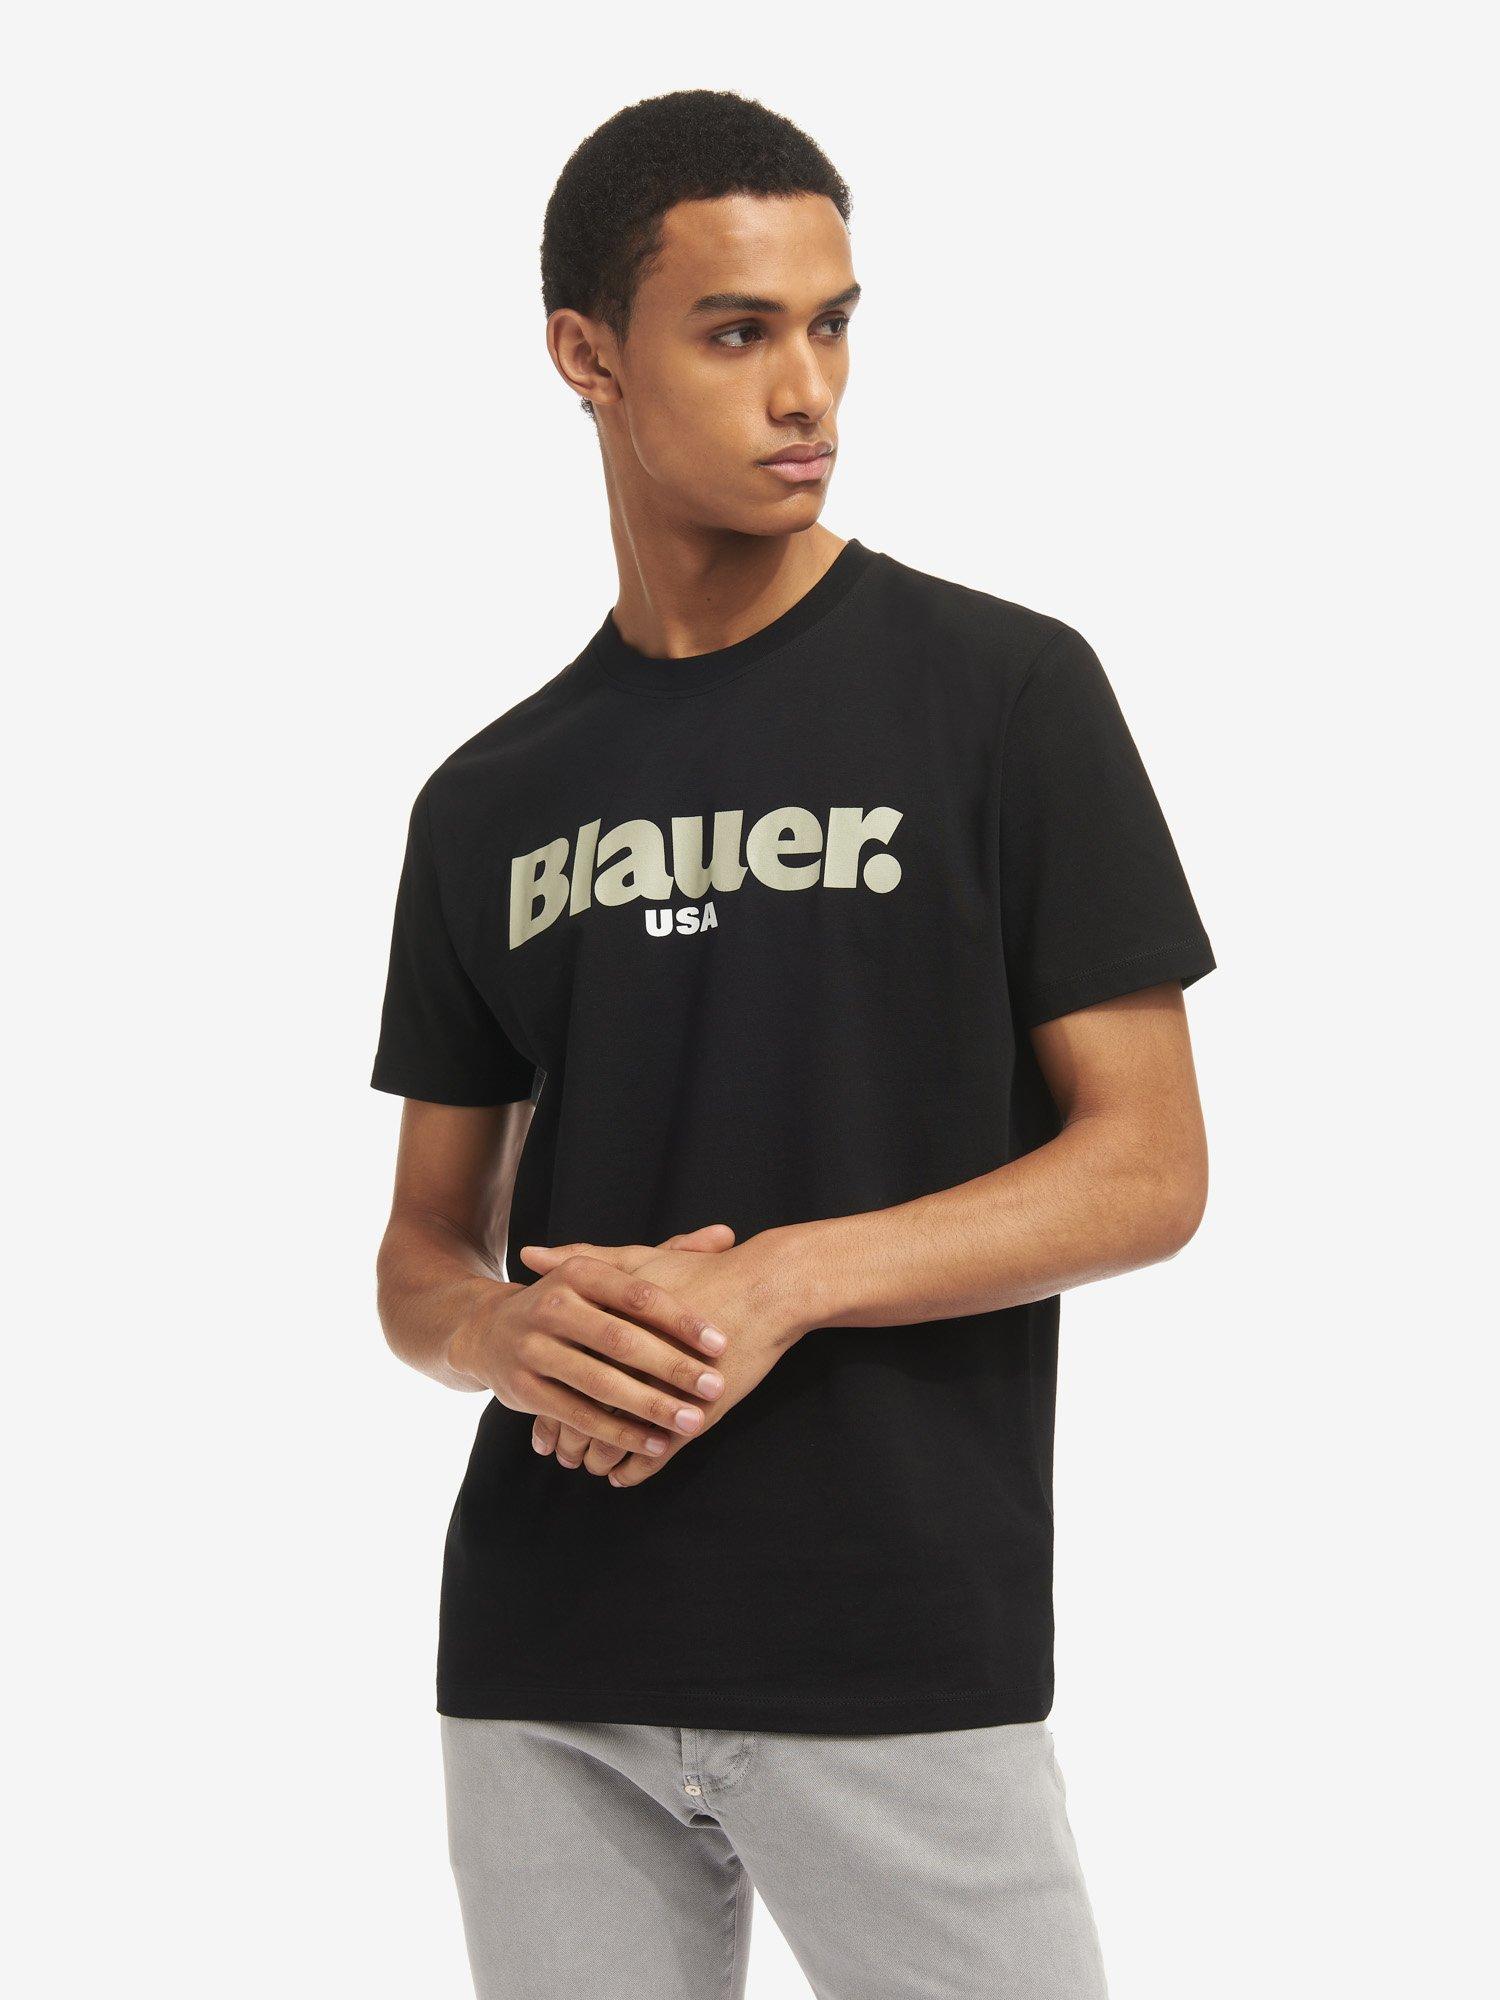 ФУТБОЛКА BLAUER USA - Blauer